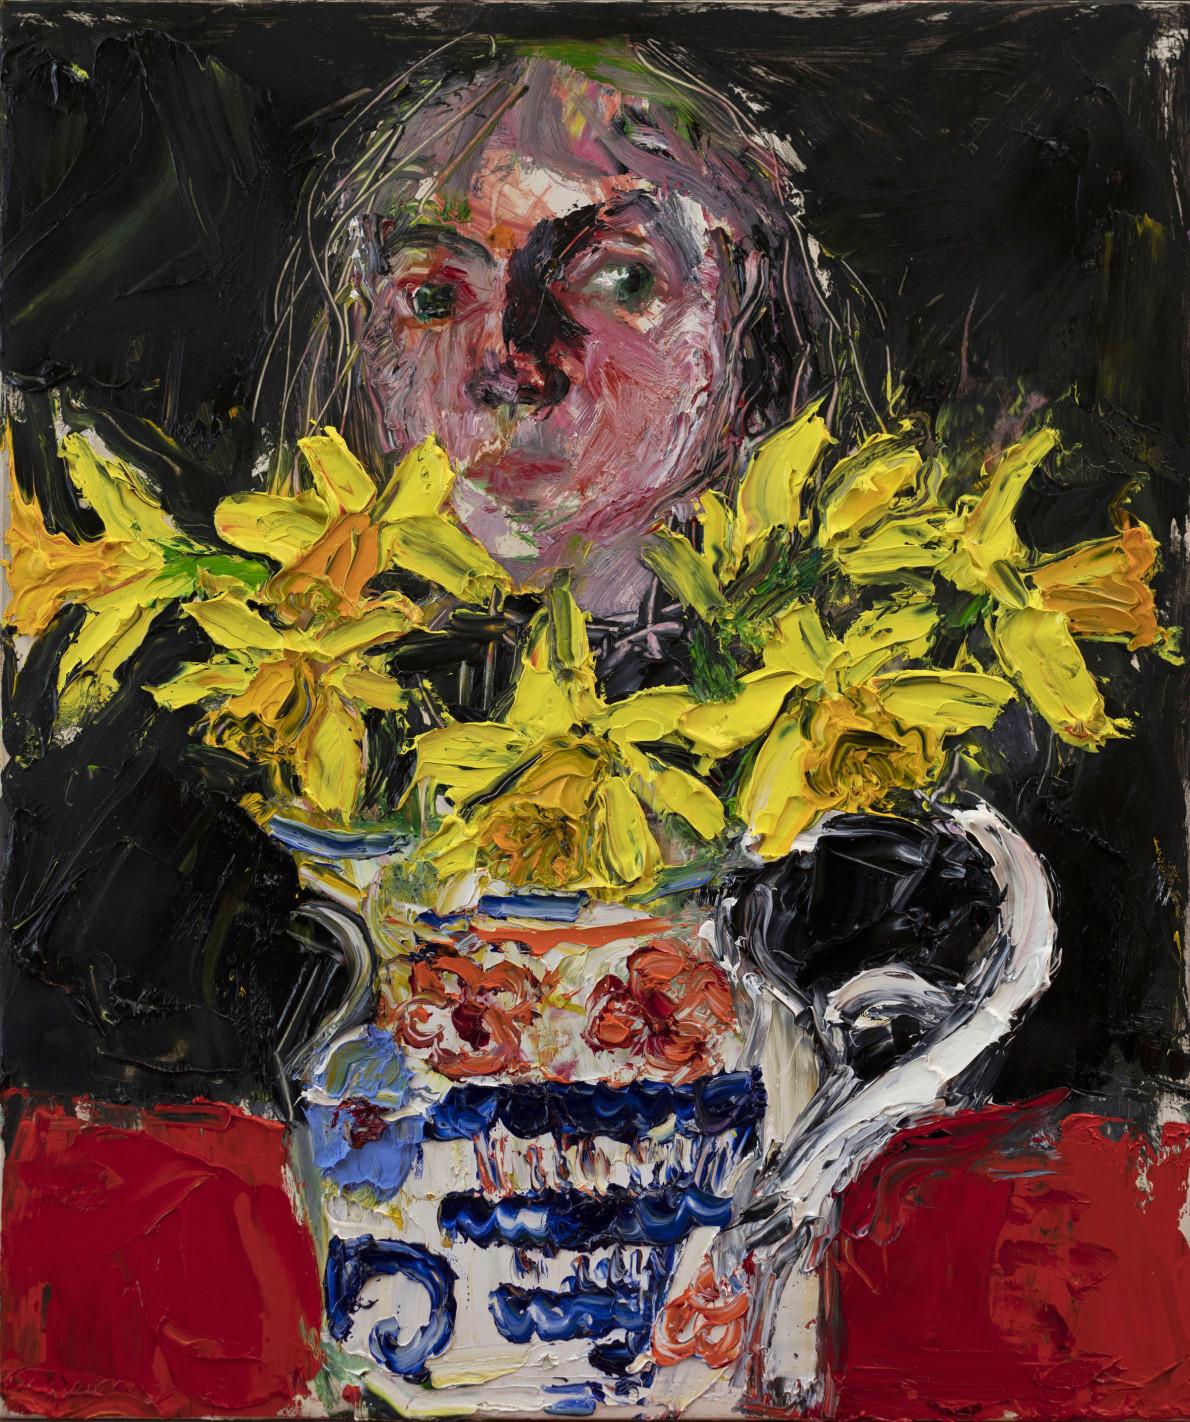 Shani Rhys James, Head behind Daffodils, 2021